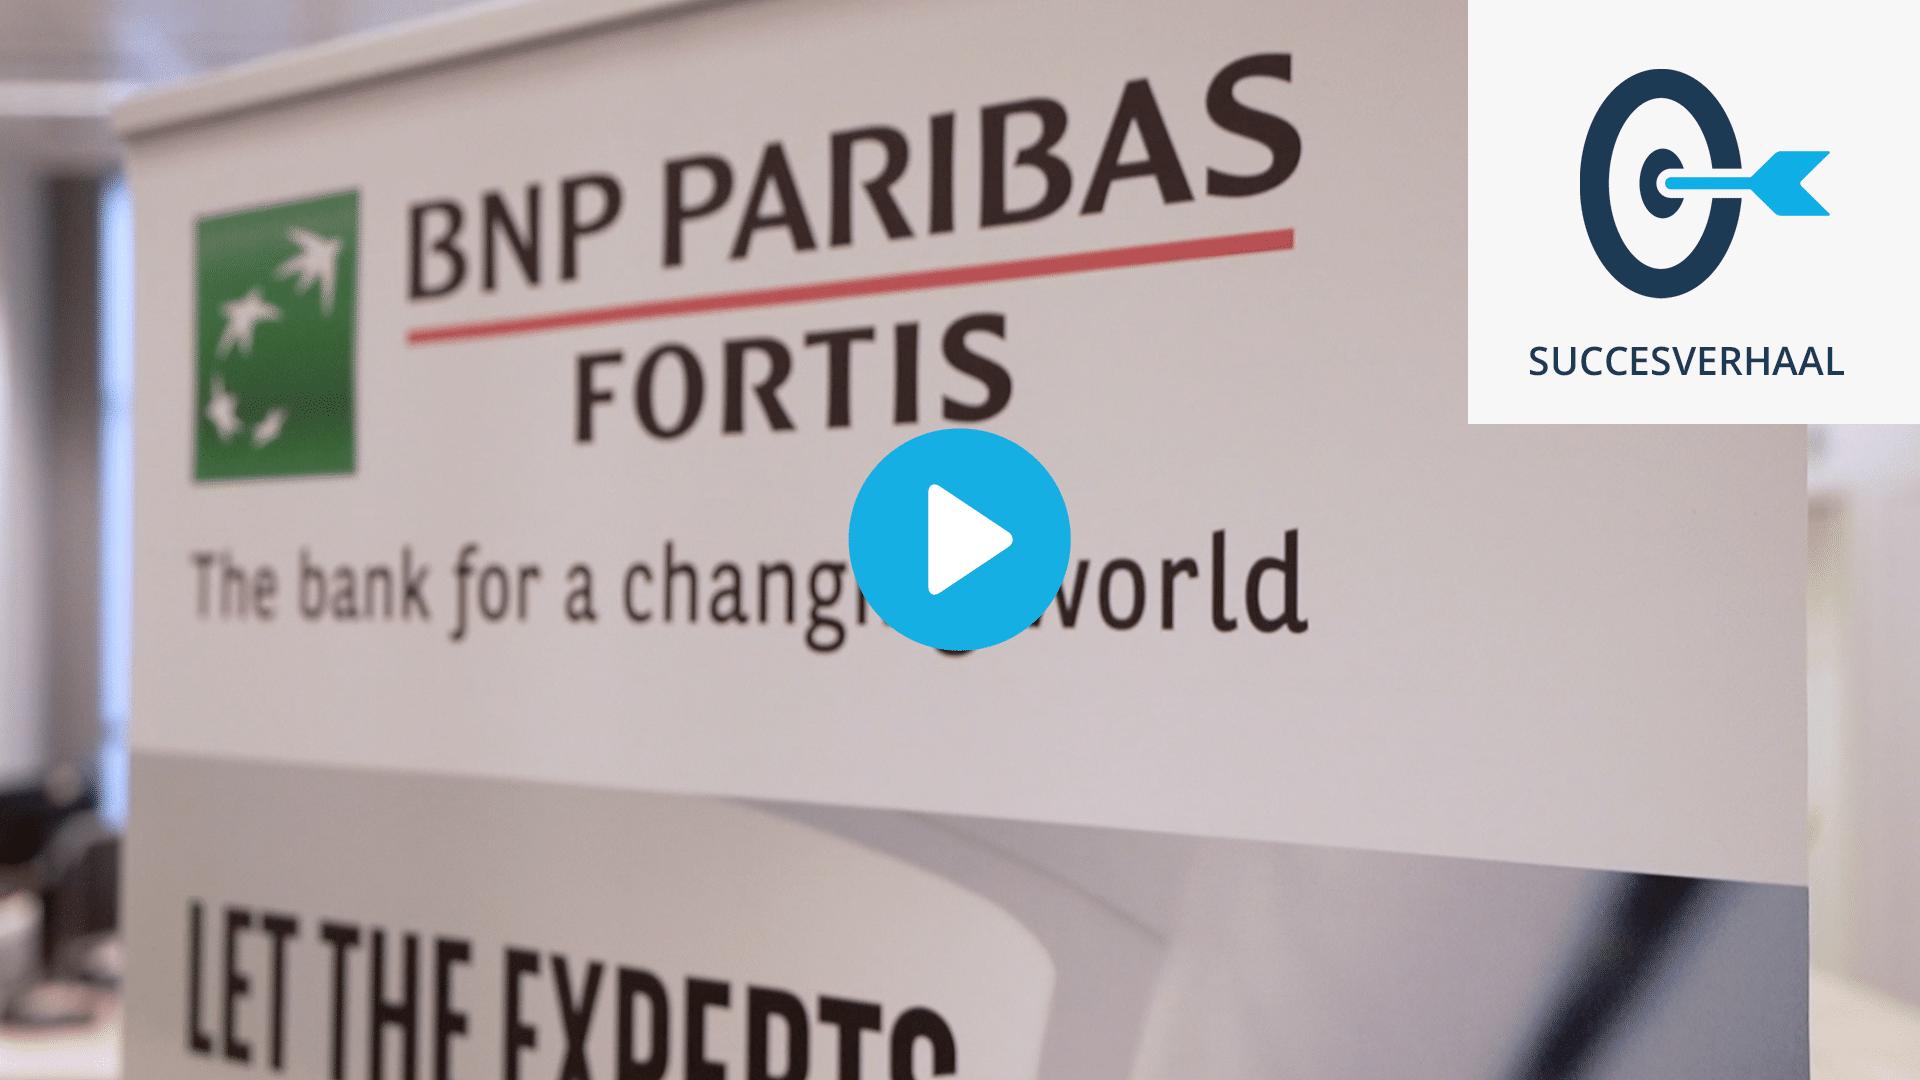 Succesverhaal Netive VMS en BNP